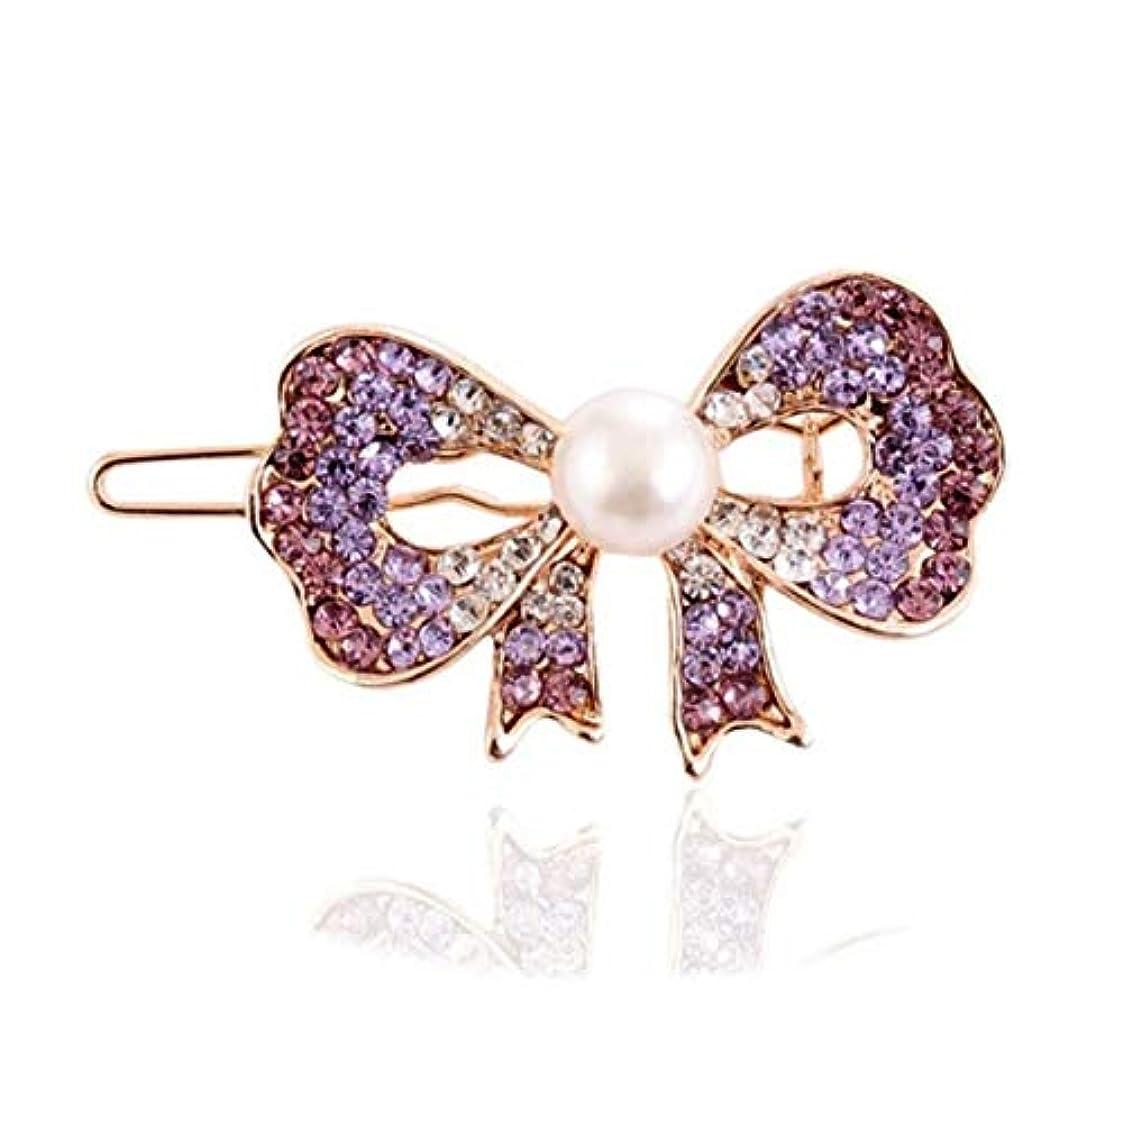 有害なプロットフォージヘアクリップ、ヘアピン、ヘアグリップ、ヘアグリップ、ヘアアクセサリーメスクリップヘアピン前髪ヘアピンヘアピンクリップカエルクリップクリップ帽子紫 (Color : Purple, Size : 5.2*3.0cm)